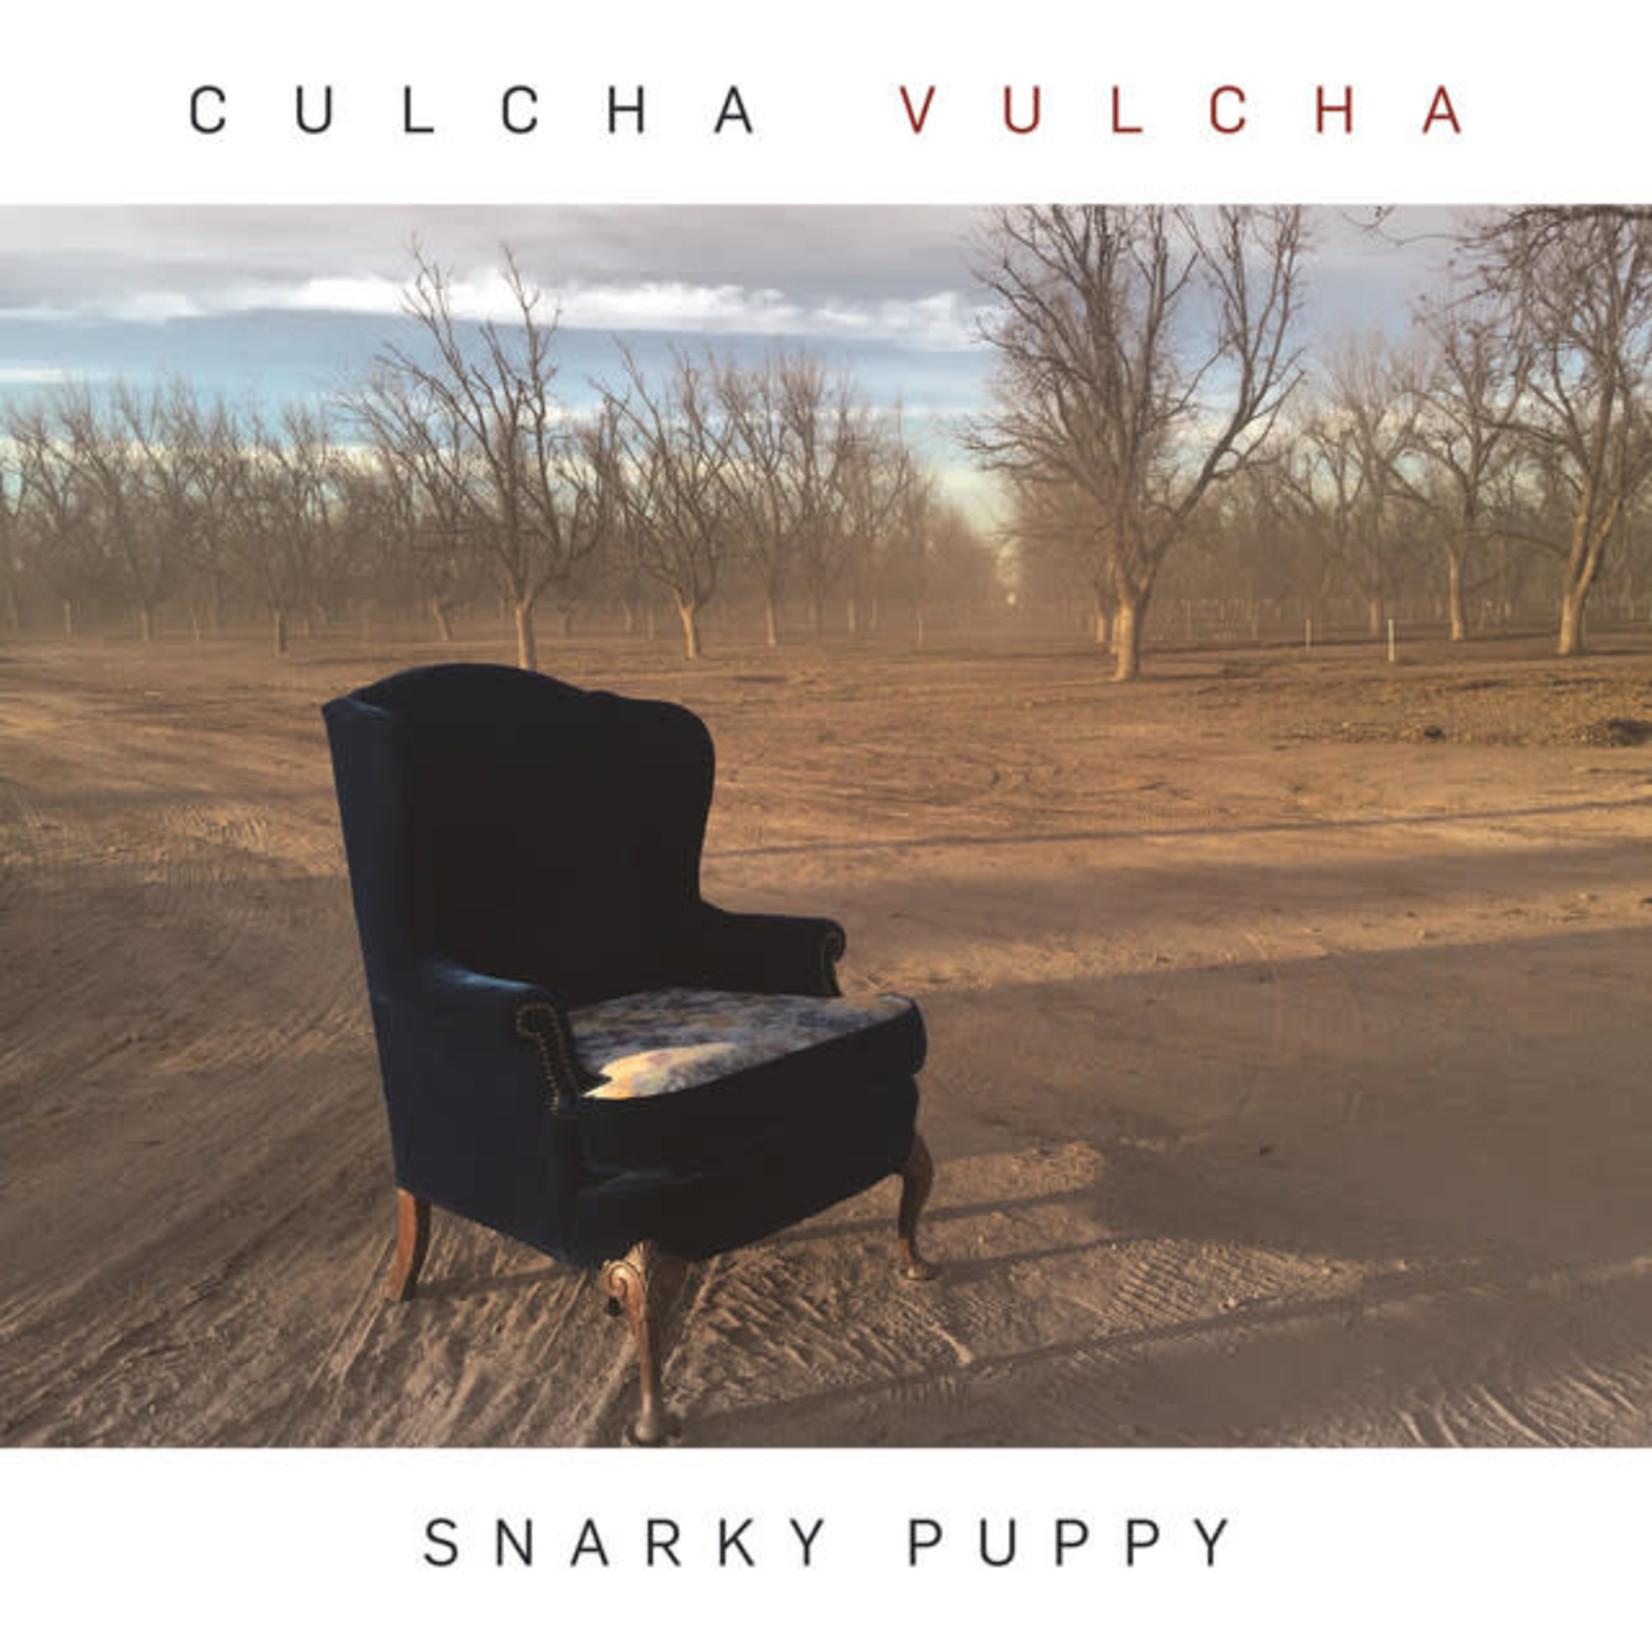 Vinyl Snarky Puppy - Culcha Vulcha